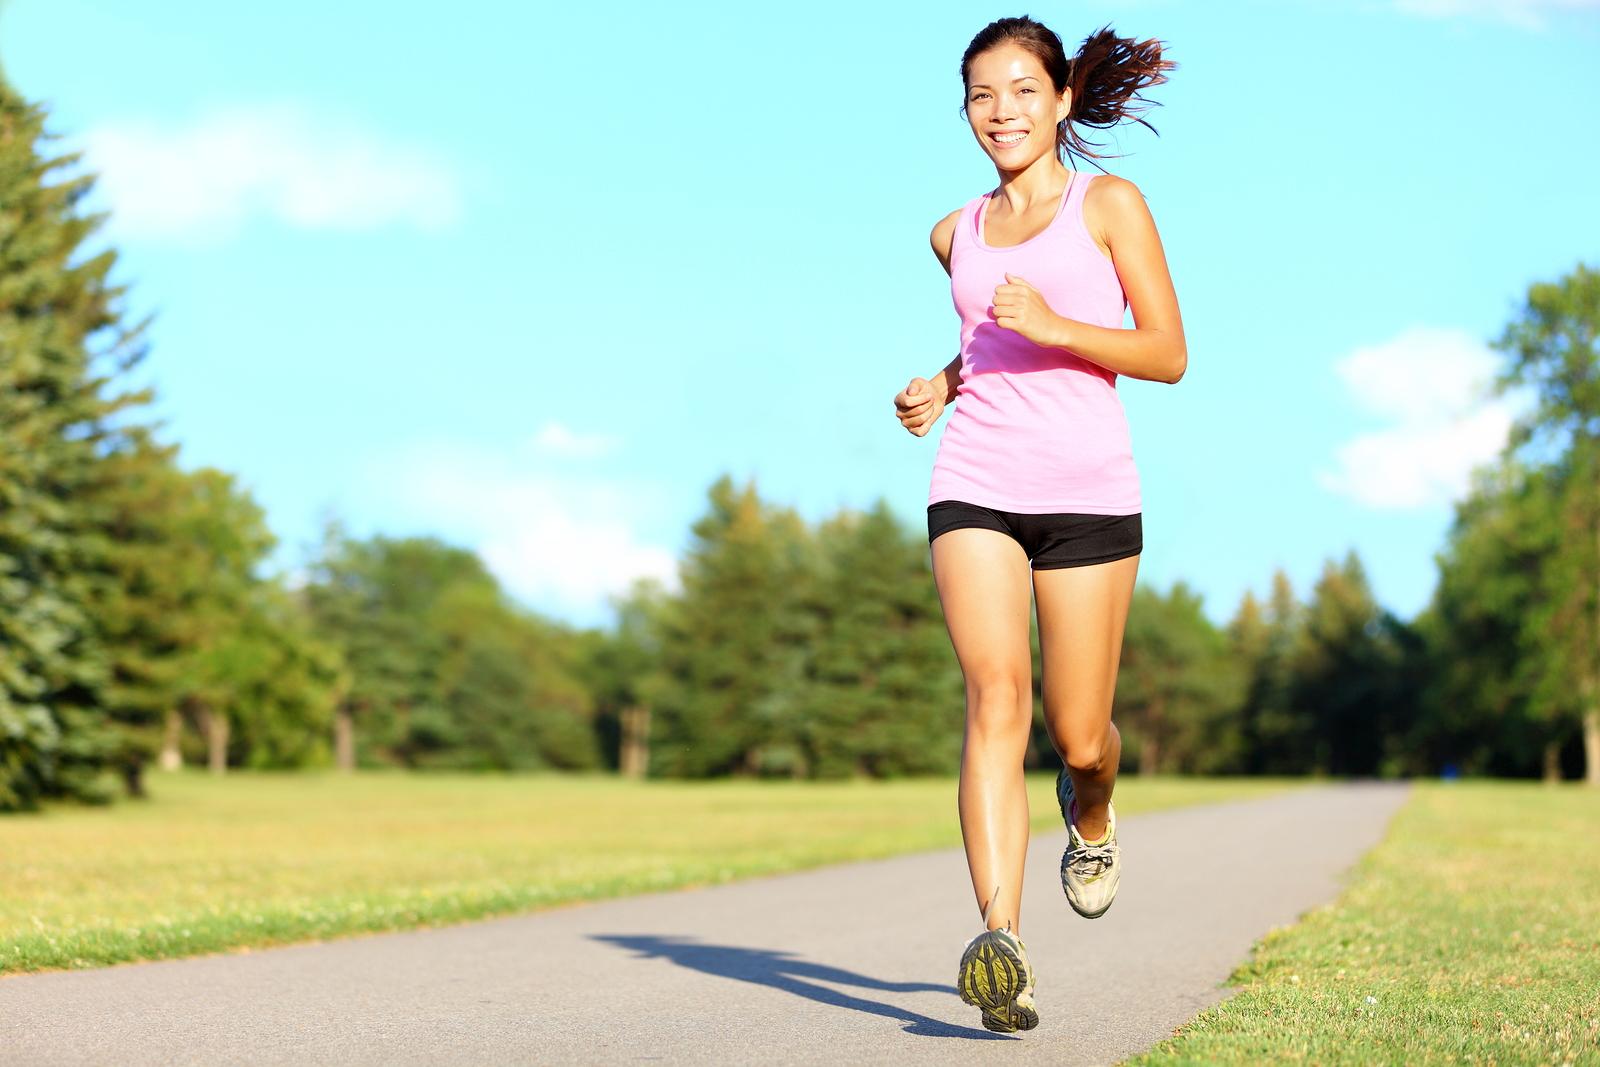 Terbukti! 10 Olahraga Ini Bisa Bikin Kurus Hanya Dalam Kurun Waktu Seminggu